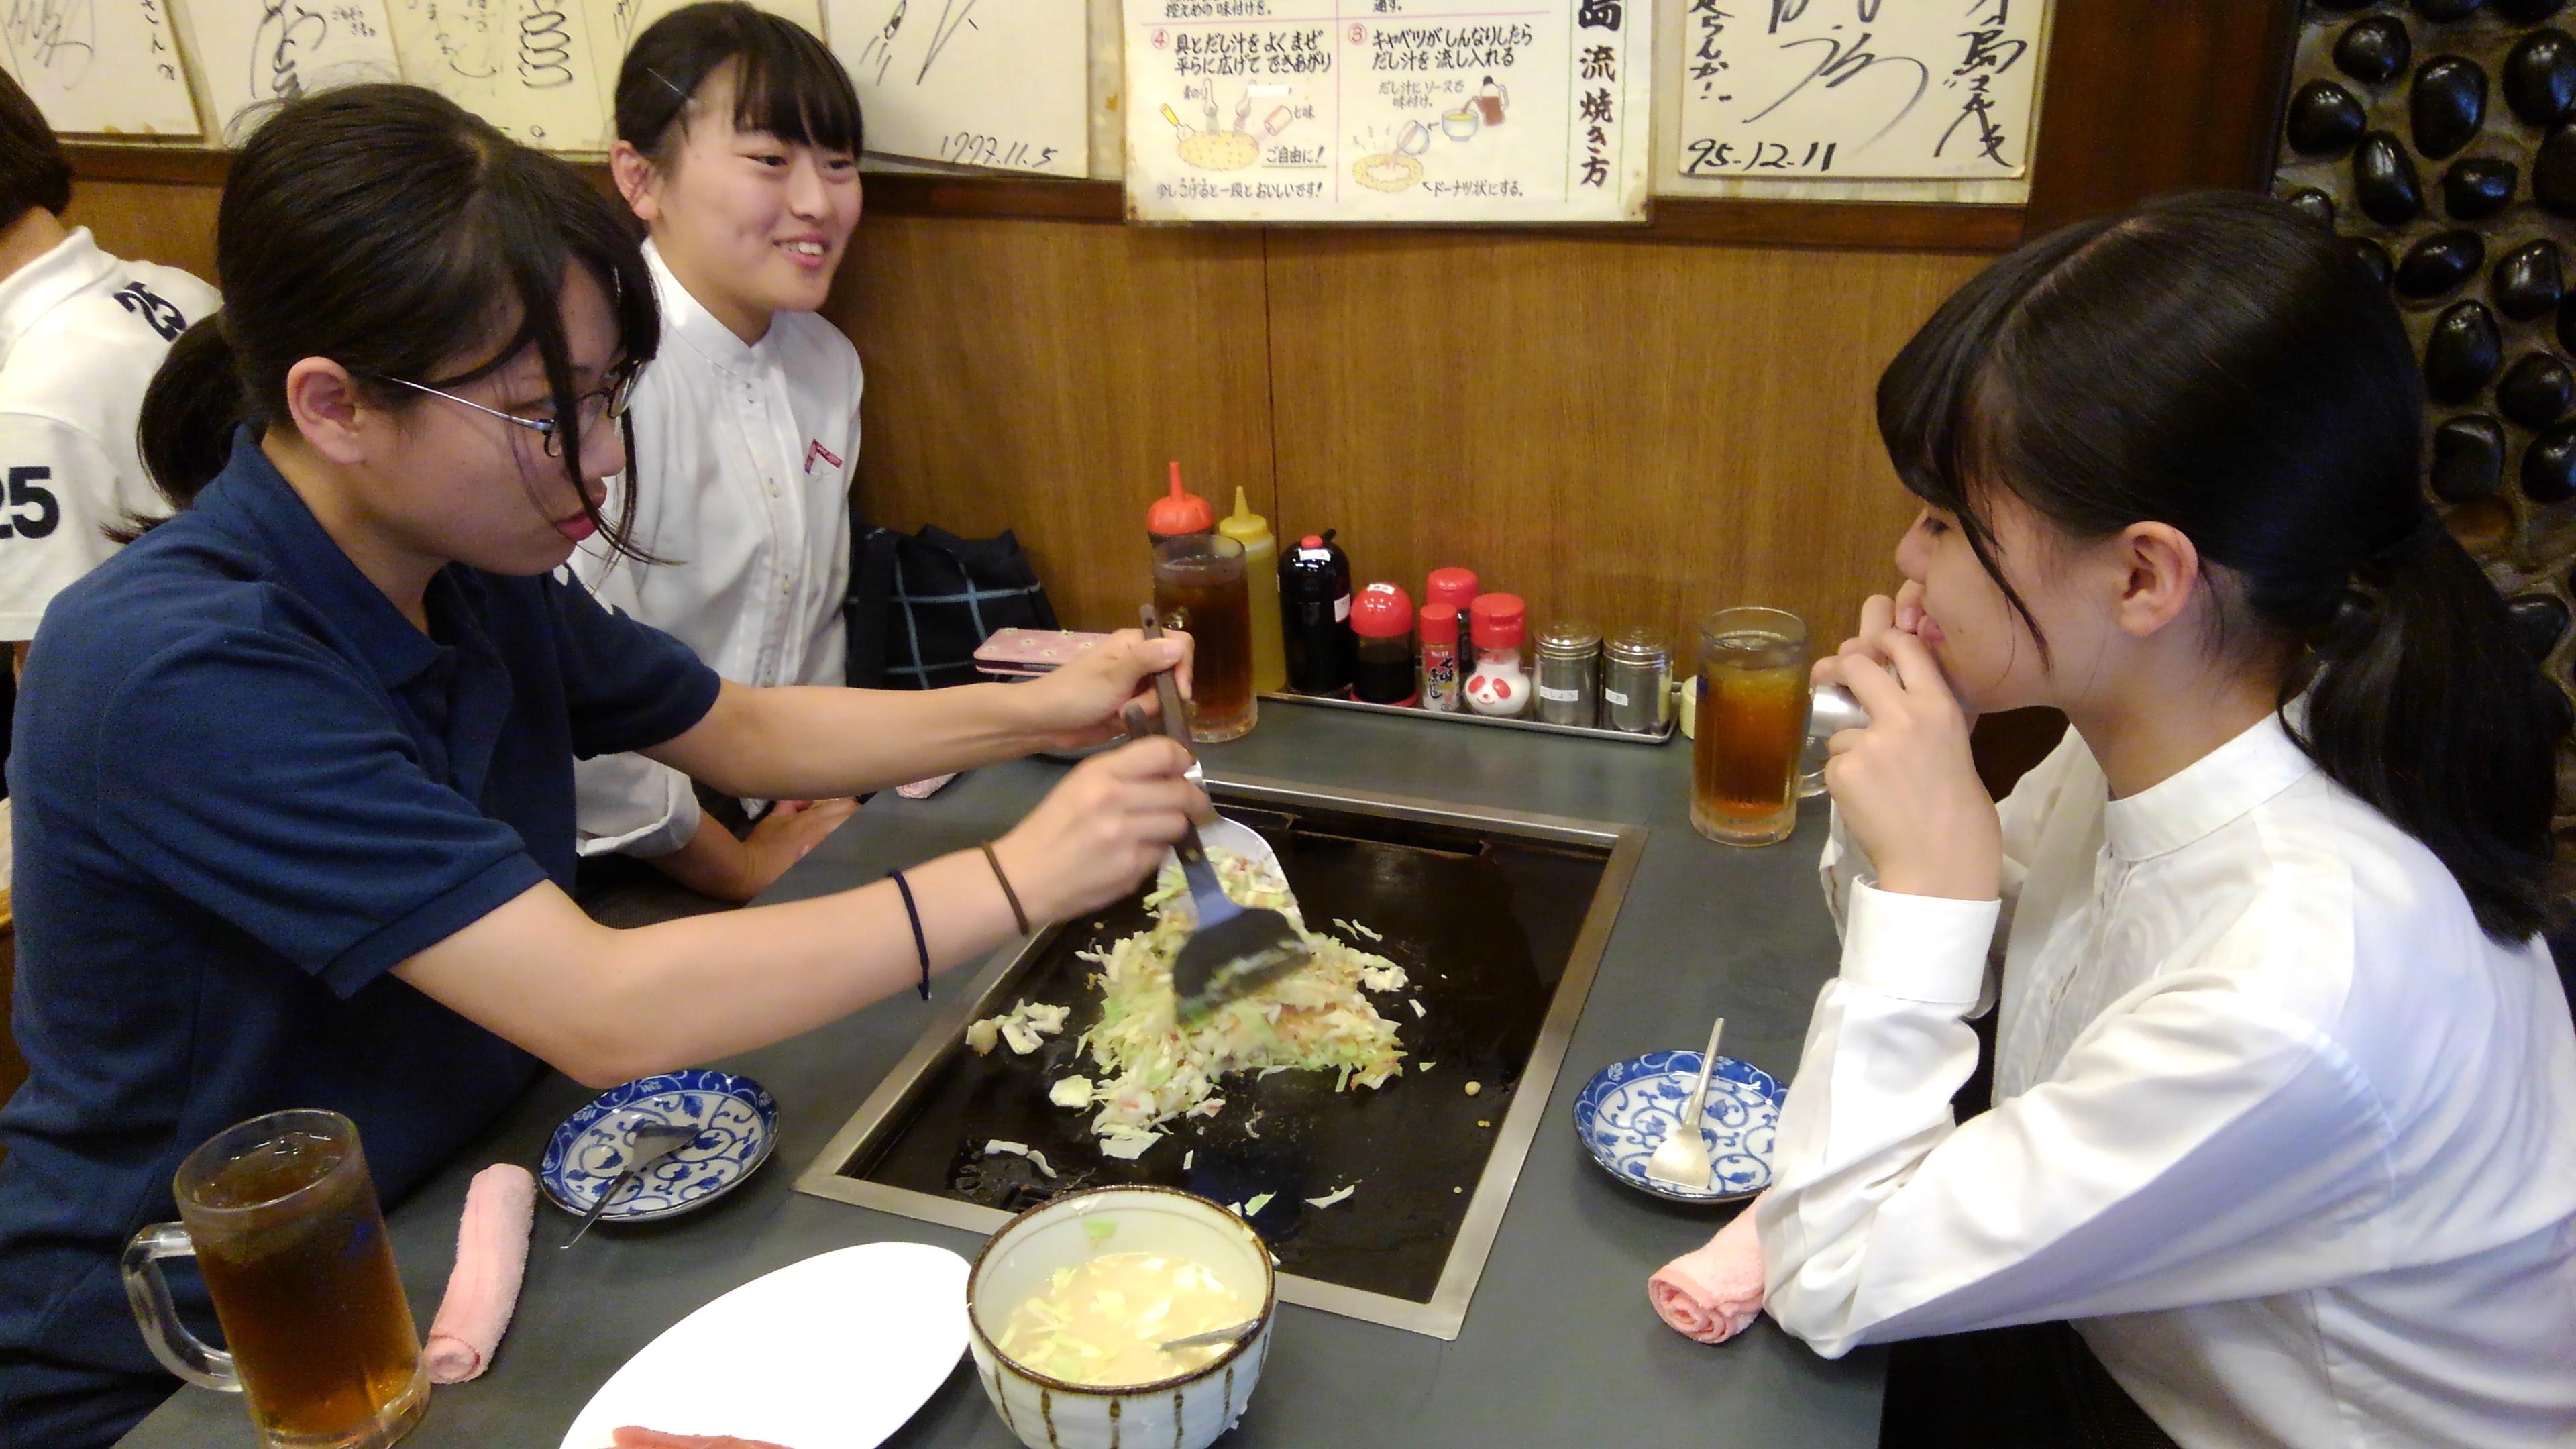 中3修学旅行(東京)広島に向かっています